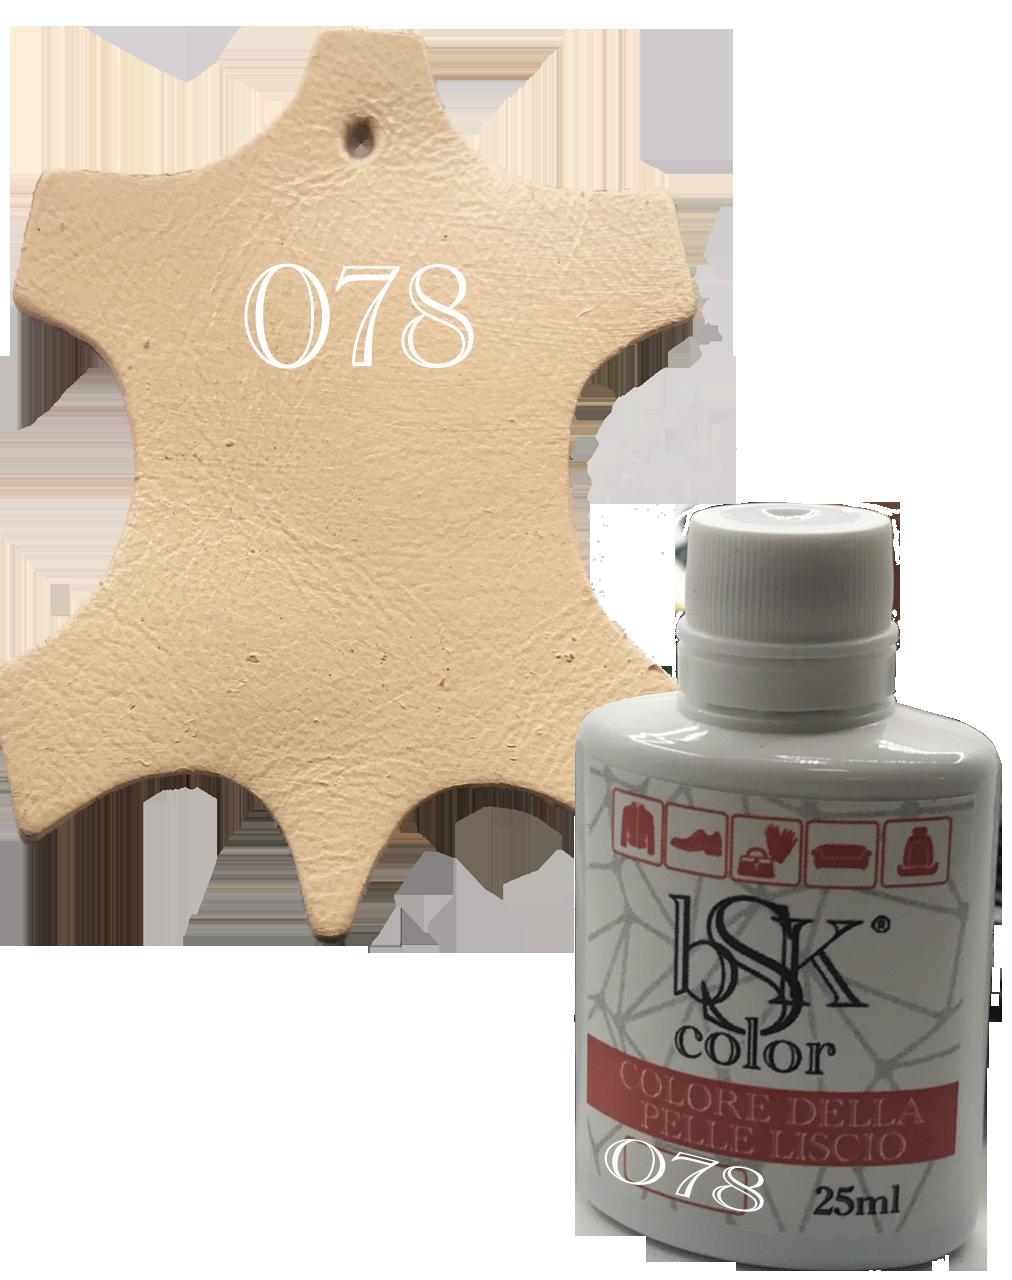 Краска для кожи светлый персик Bsk color №078 25 мл